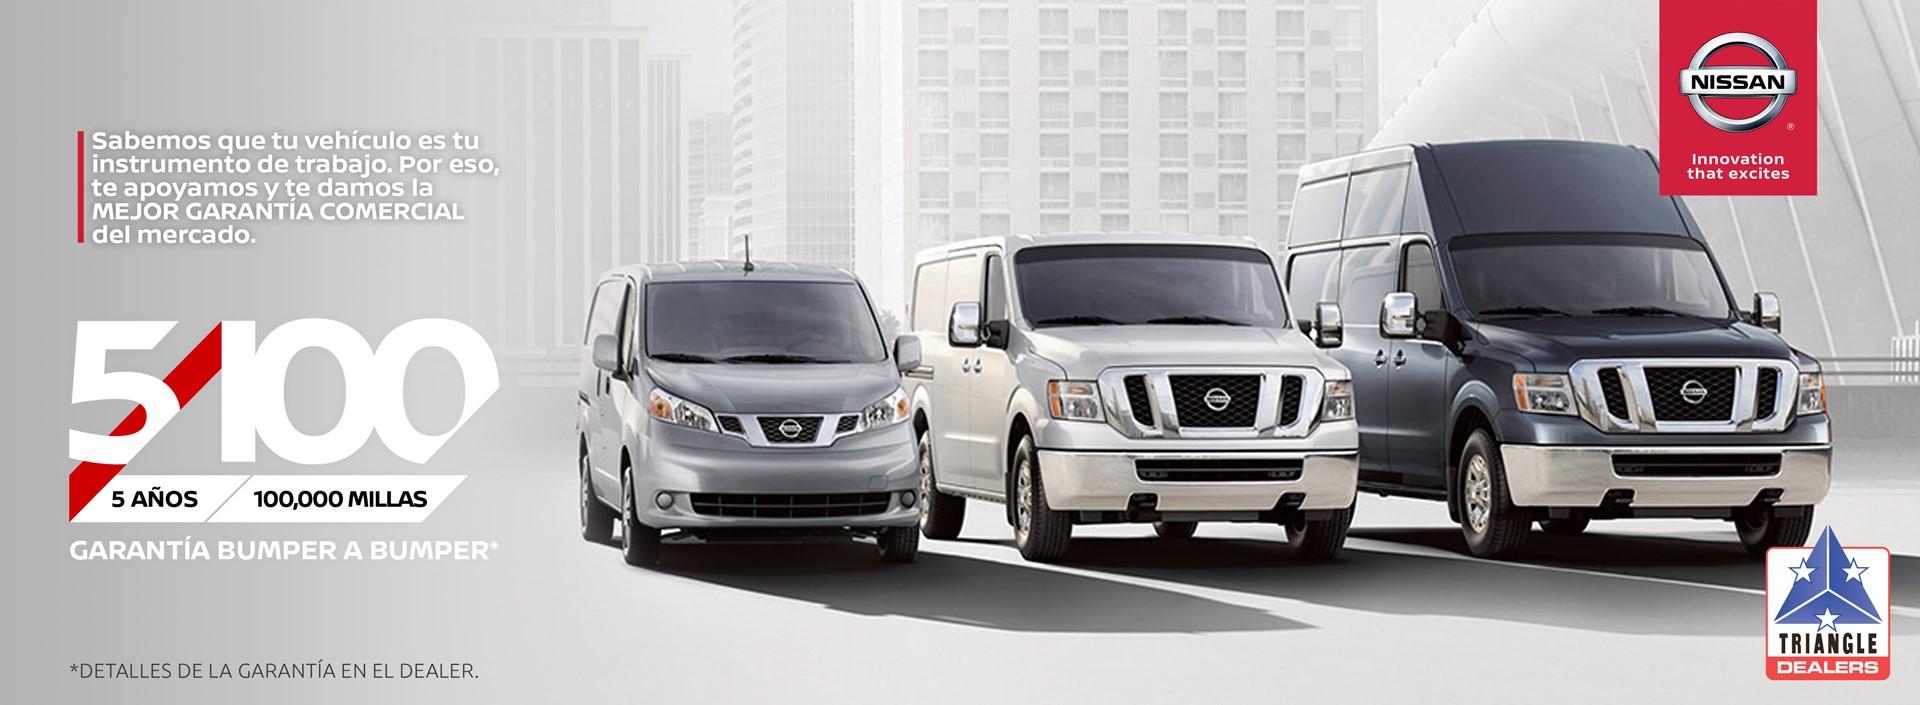 T.Nissan_Warranty_1920X705_Español